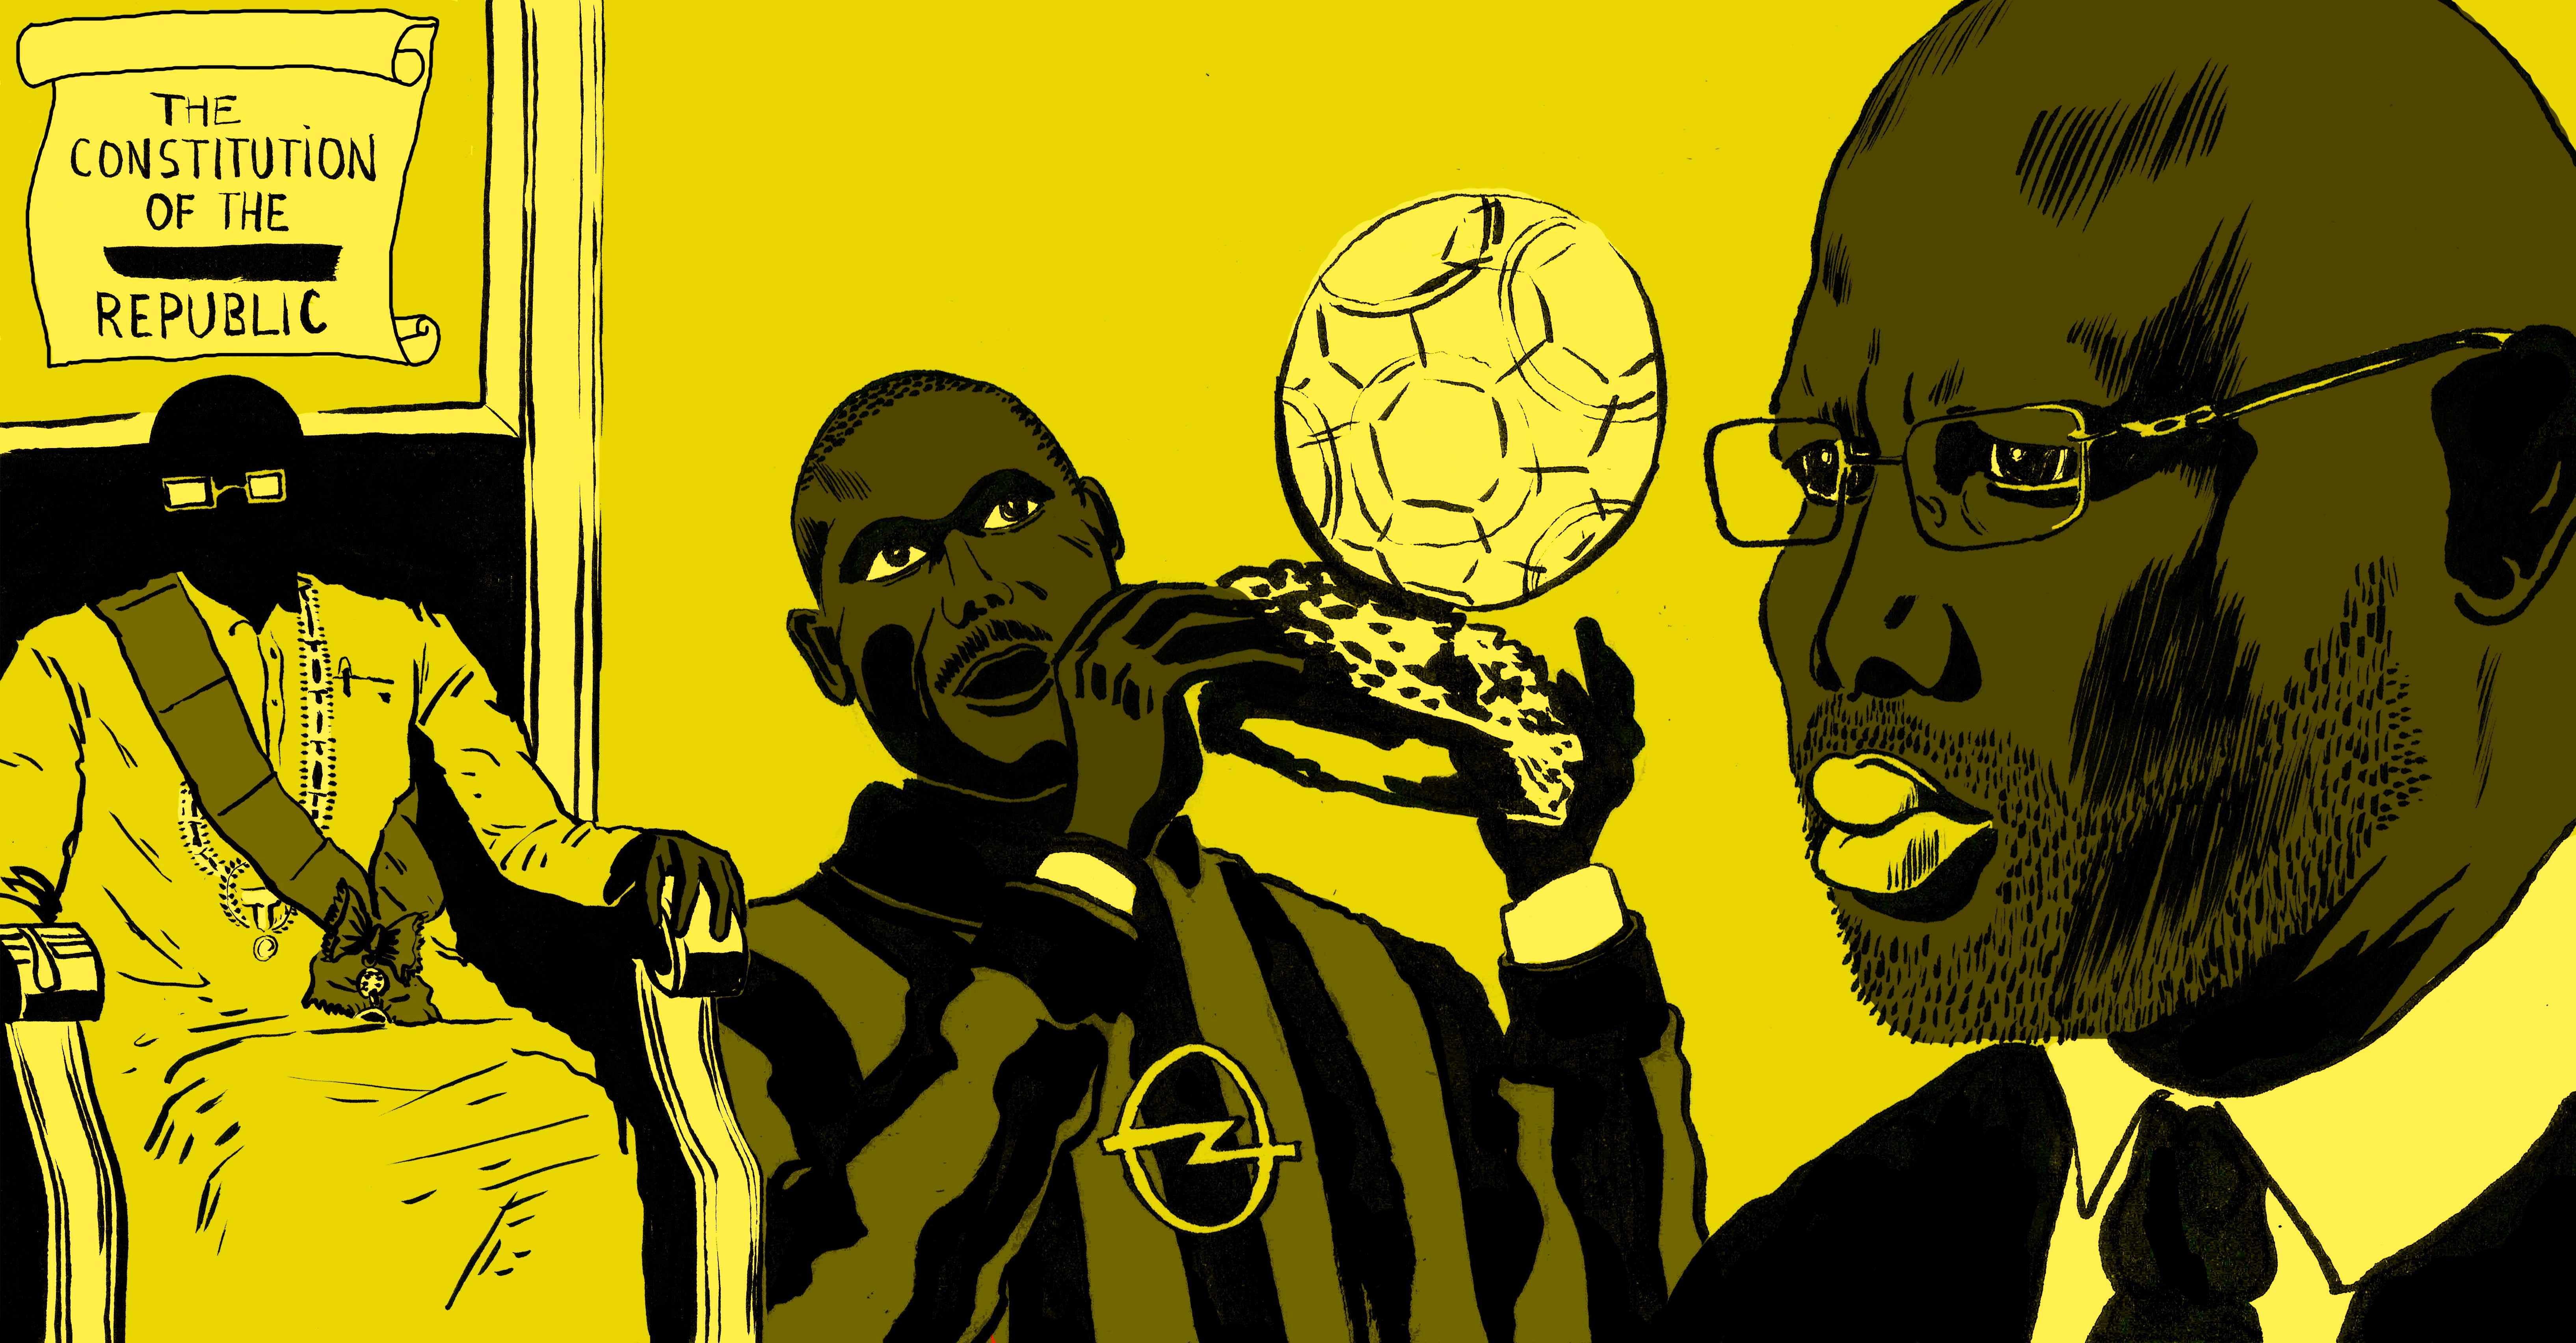 George Weah, de Ballon d'or à président du Libéria. Illustrations d'Eric Vanderhaegen.